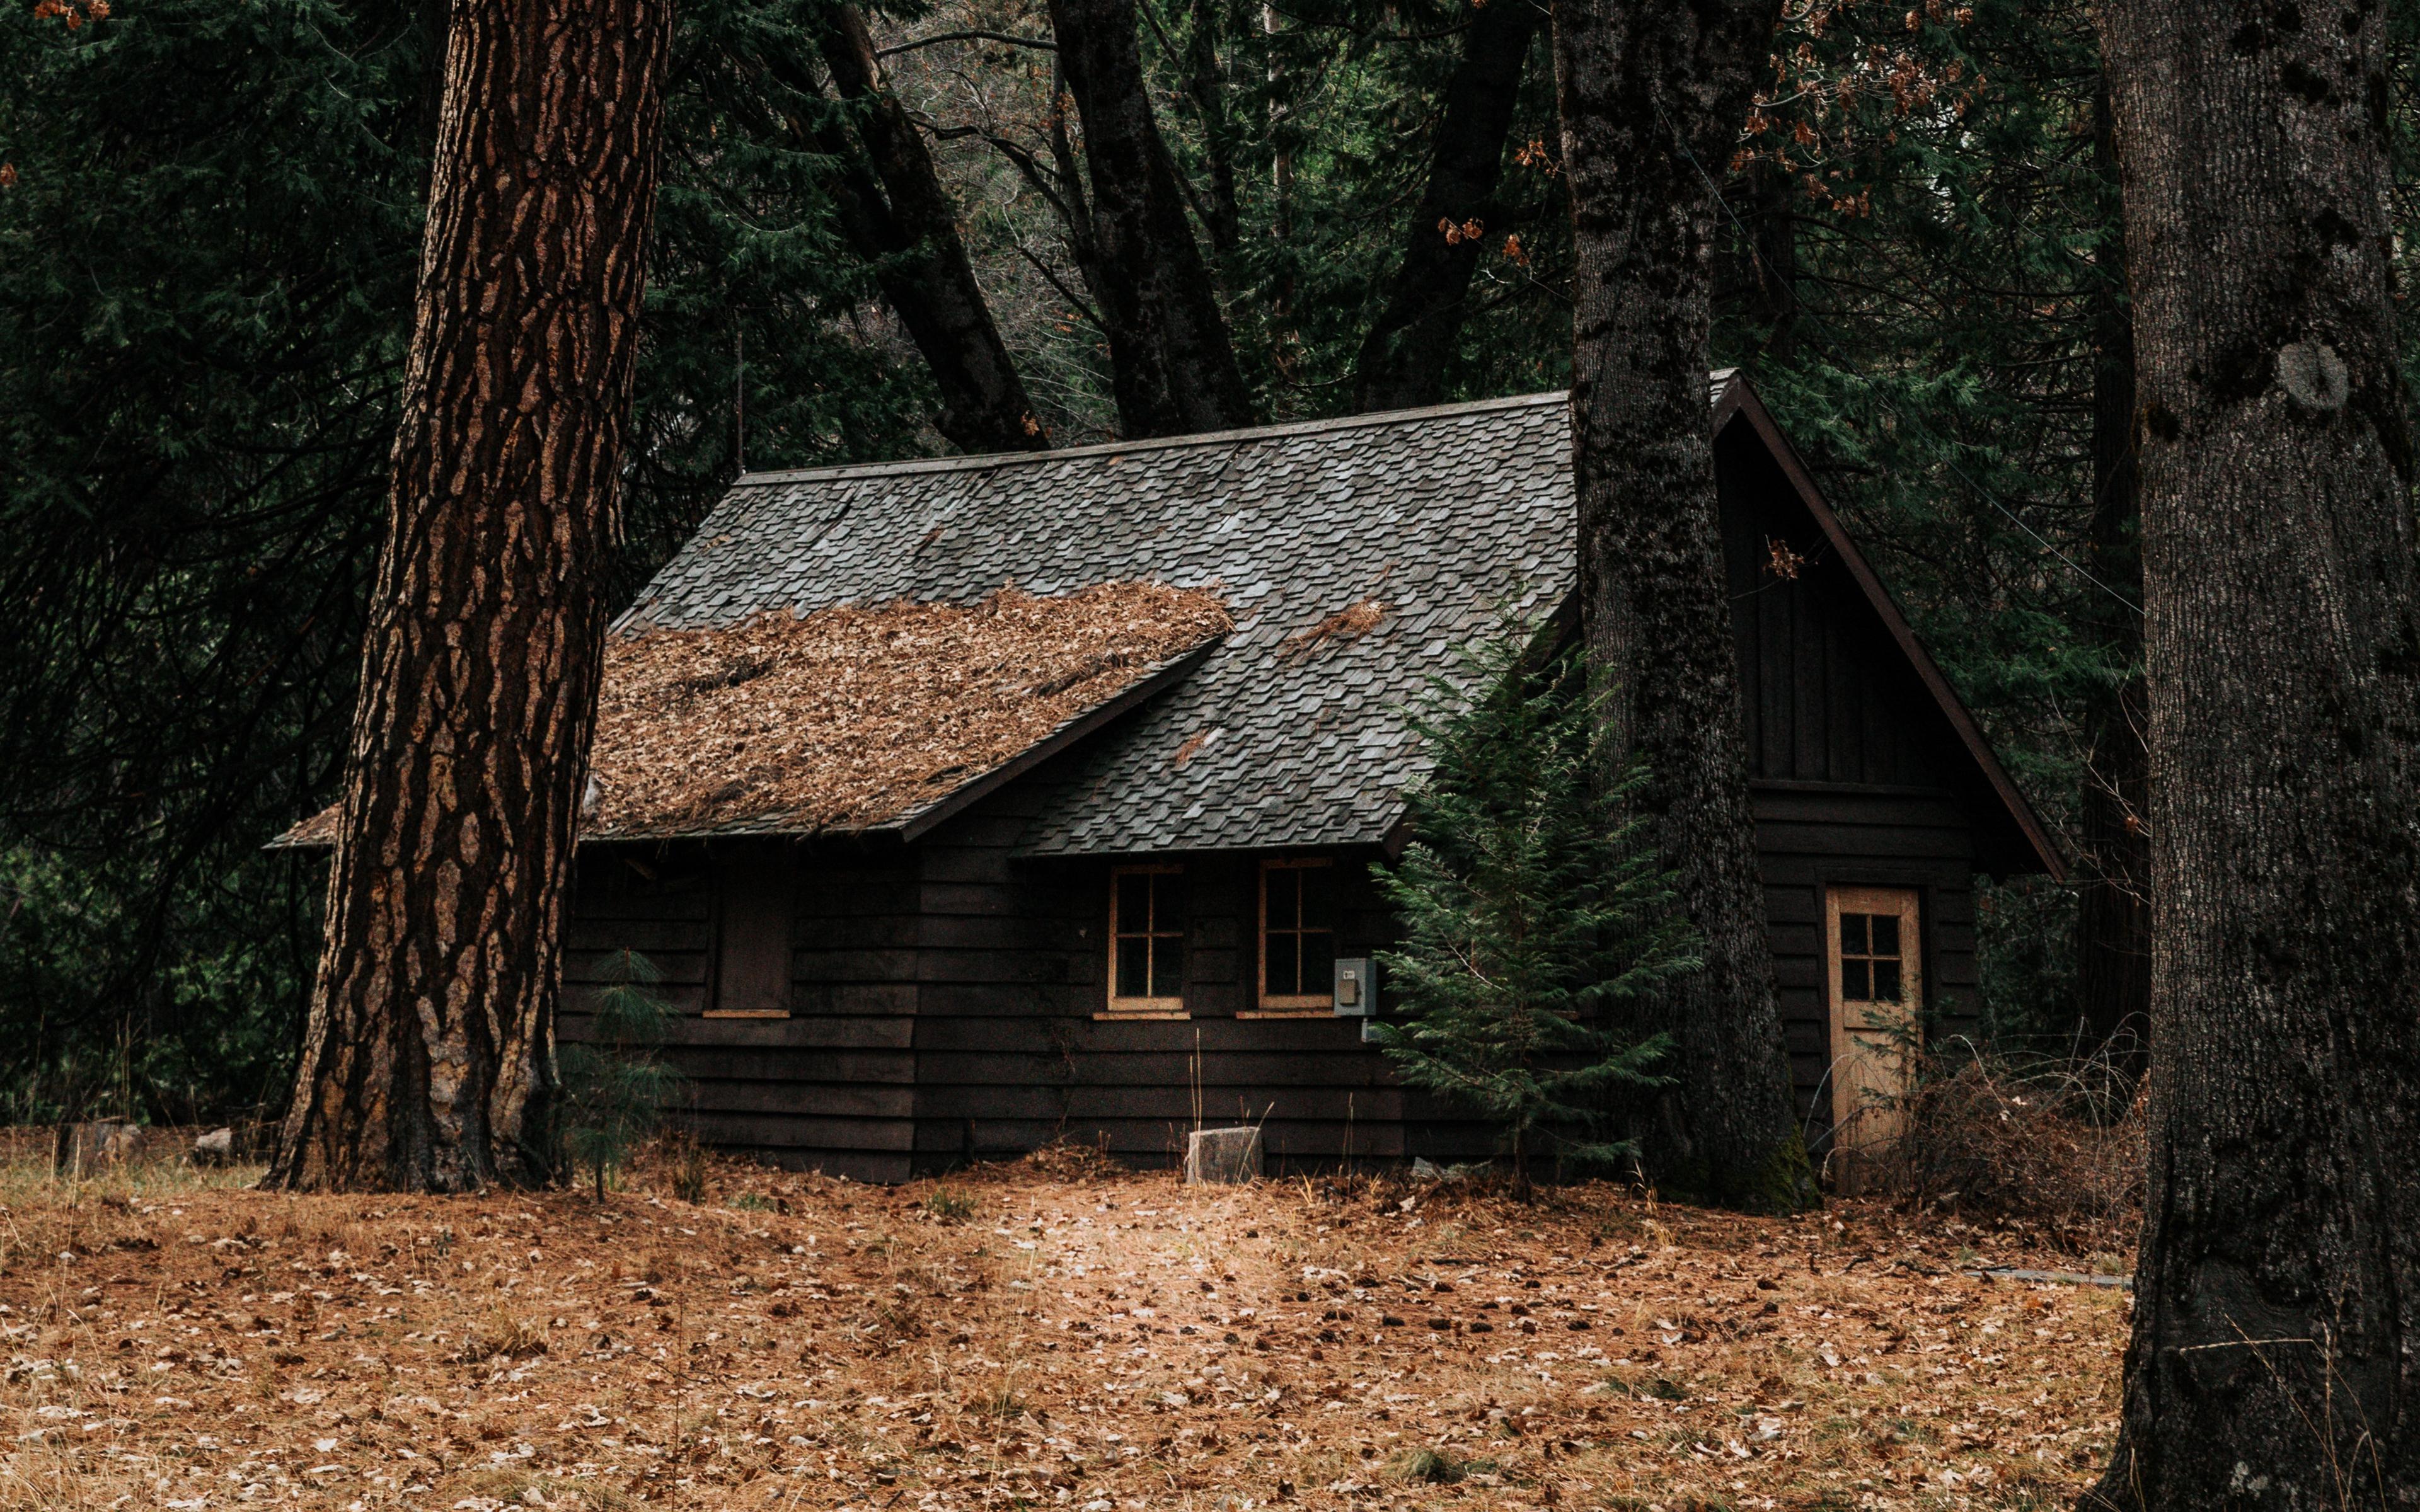 информация дом в чаще леса картинка говорю